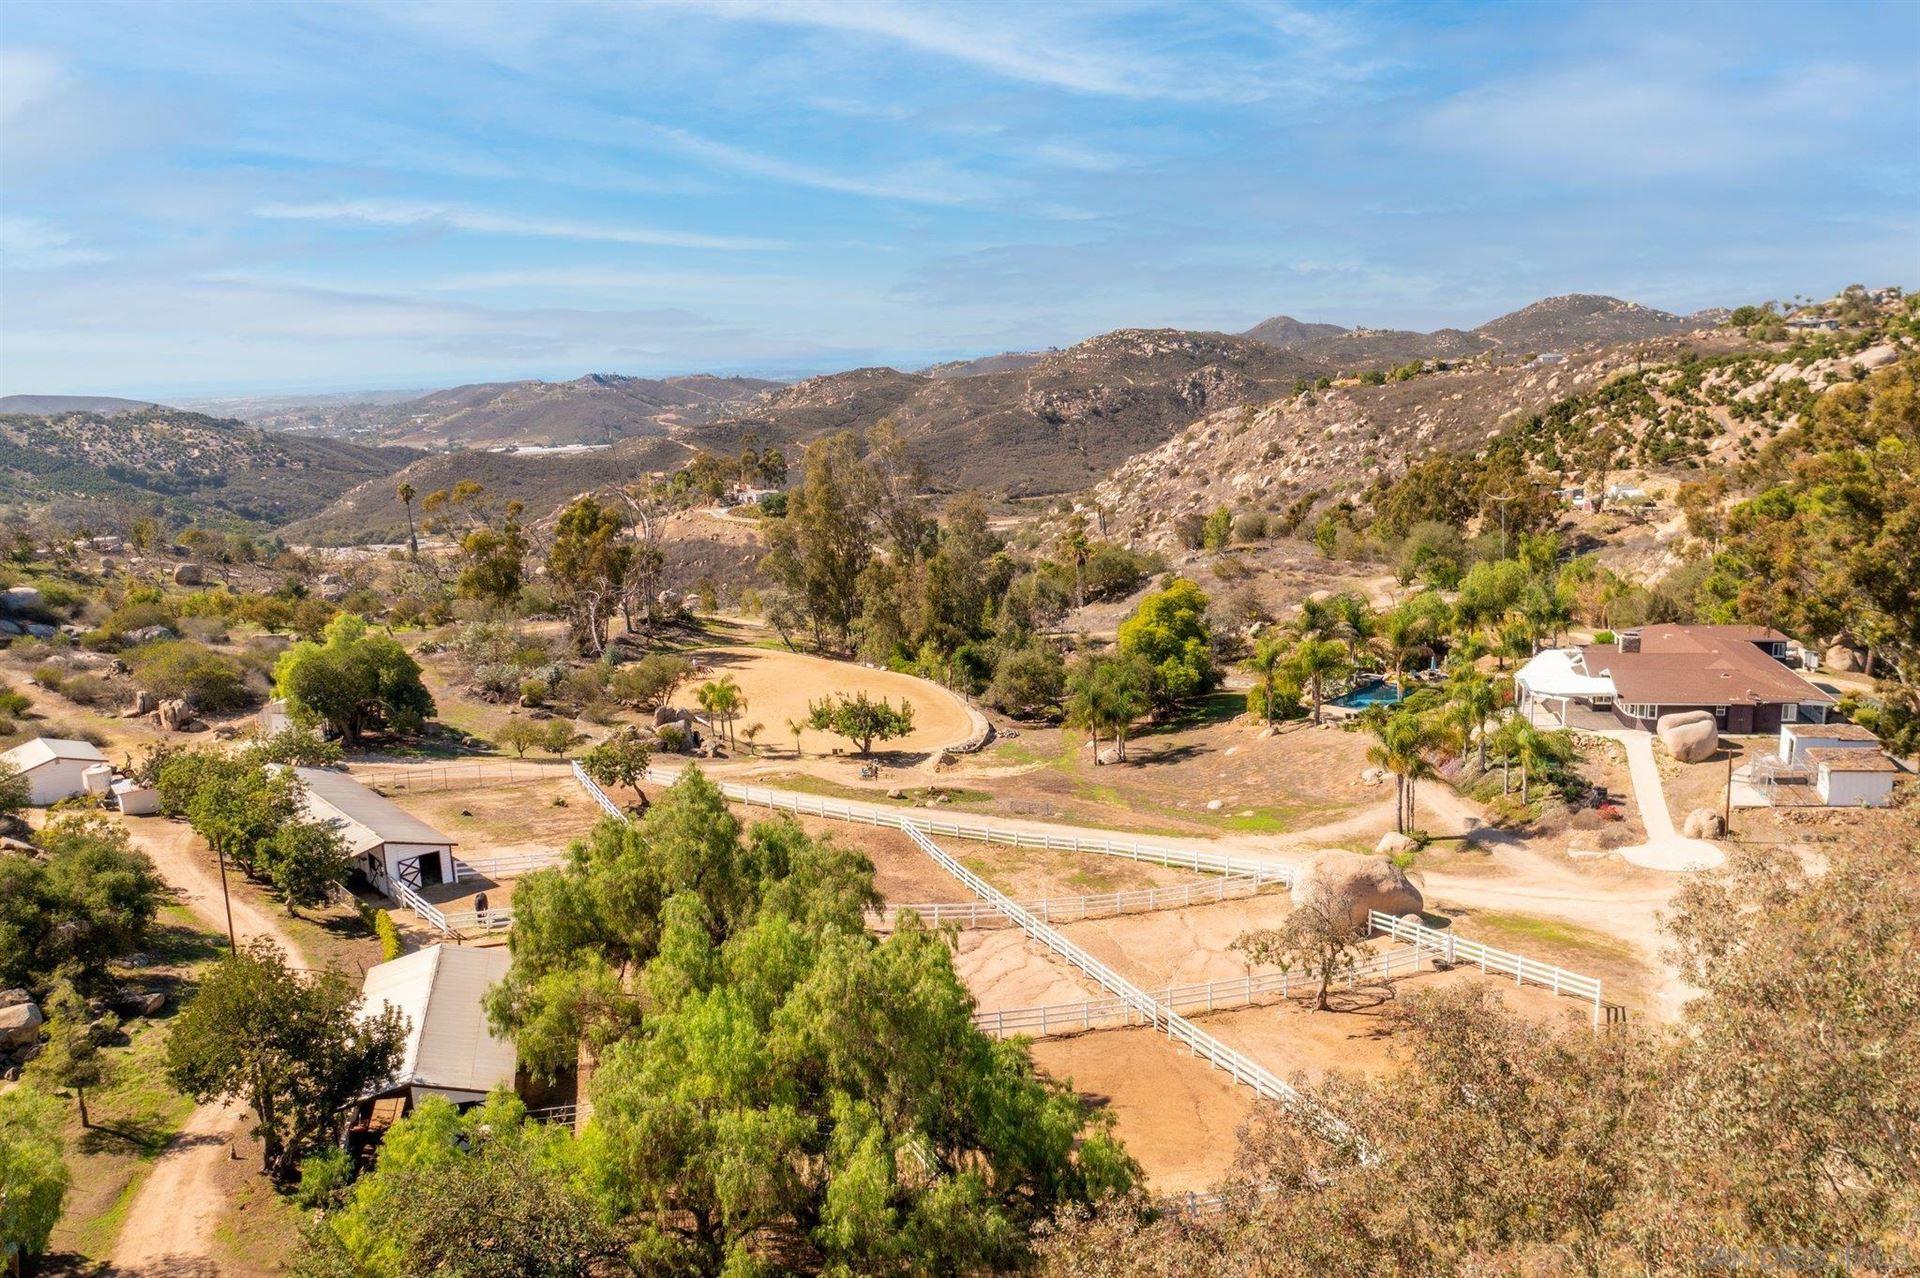 Photo of 27253 Mountain Meadow Rd, Escondido, CA 92026 (MLS # 210029584)